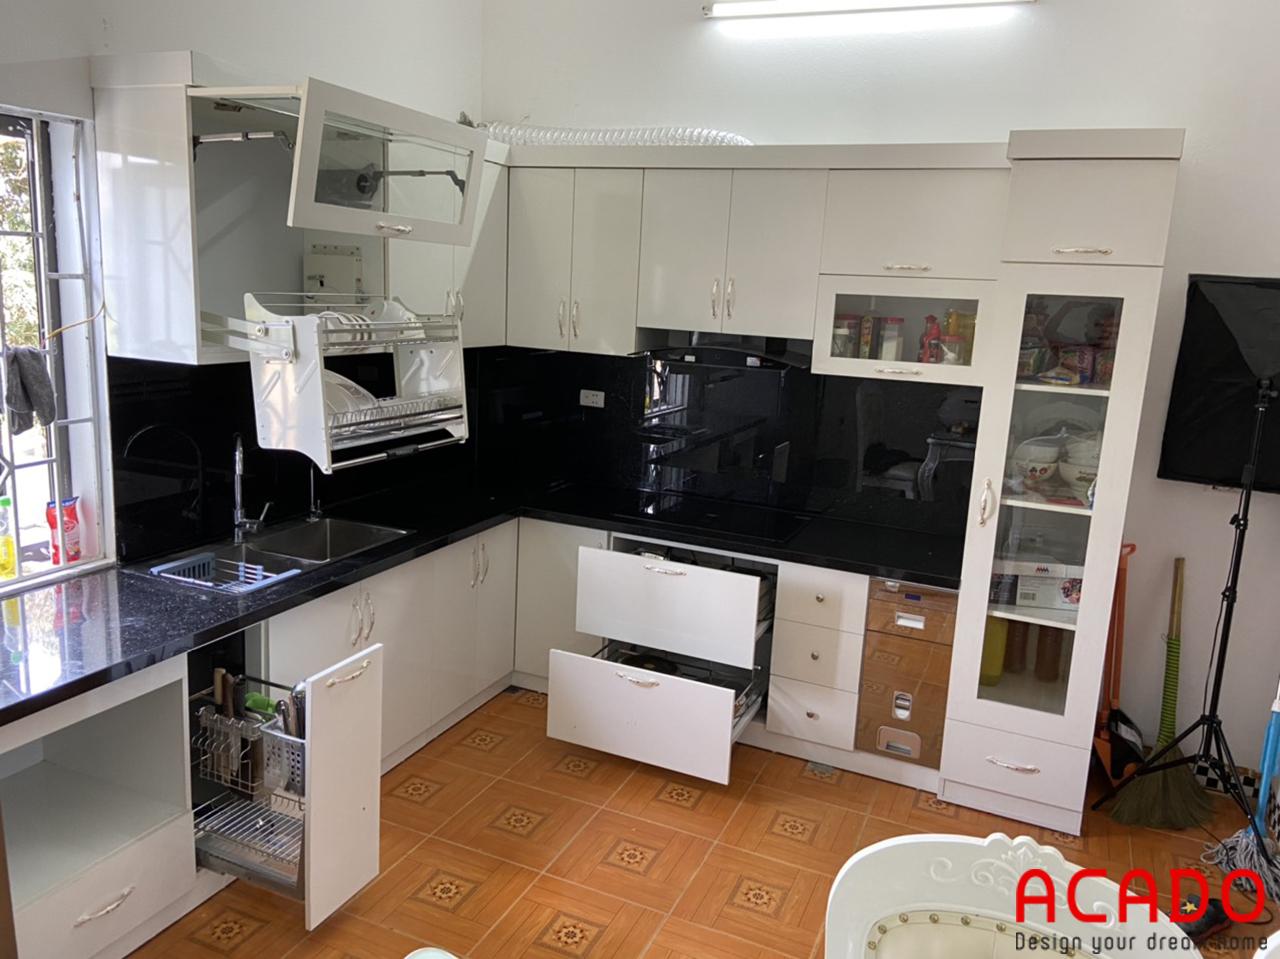 Tủ bếp Melamine màu trắng hiện đại và kính bếp màu đen làm điểm nhấn